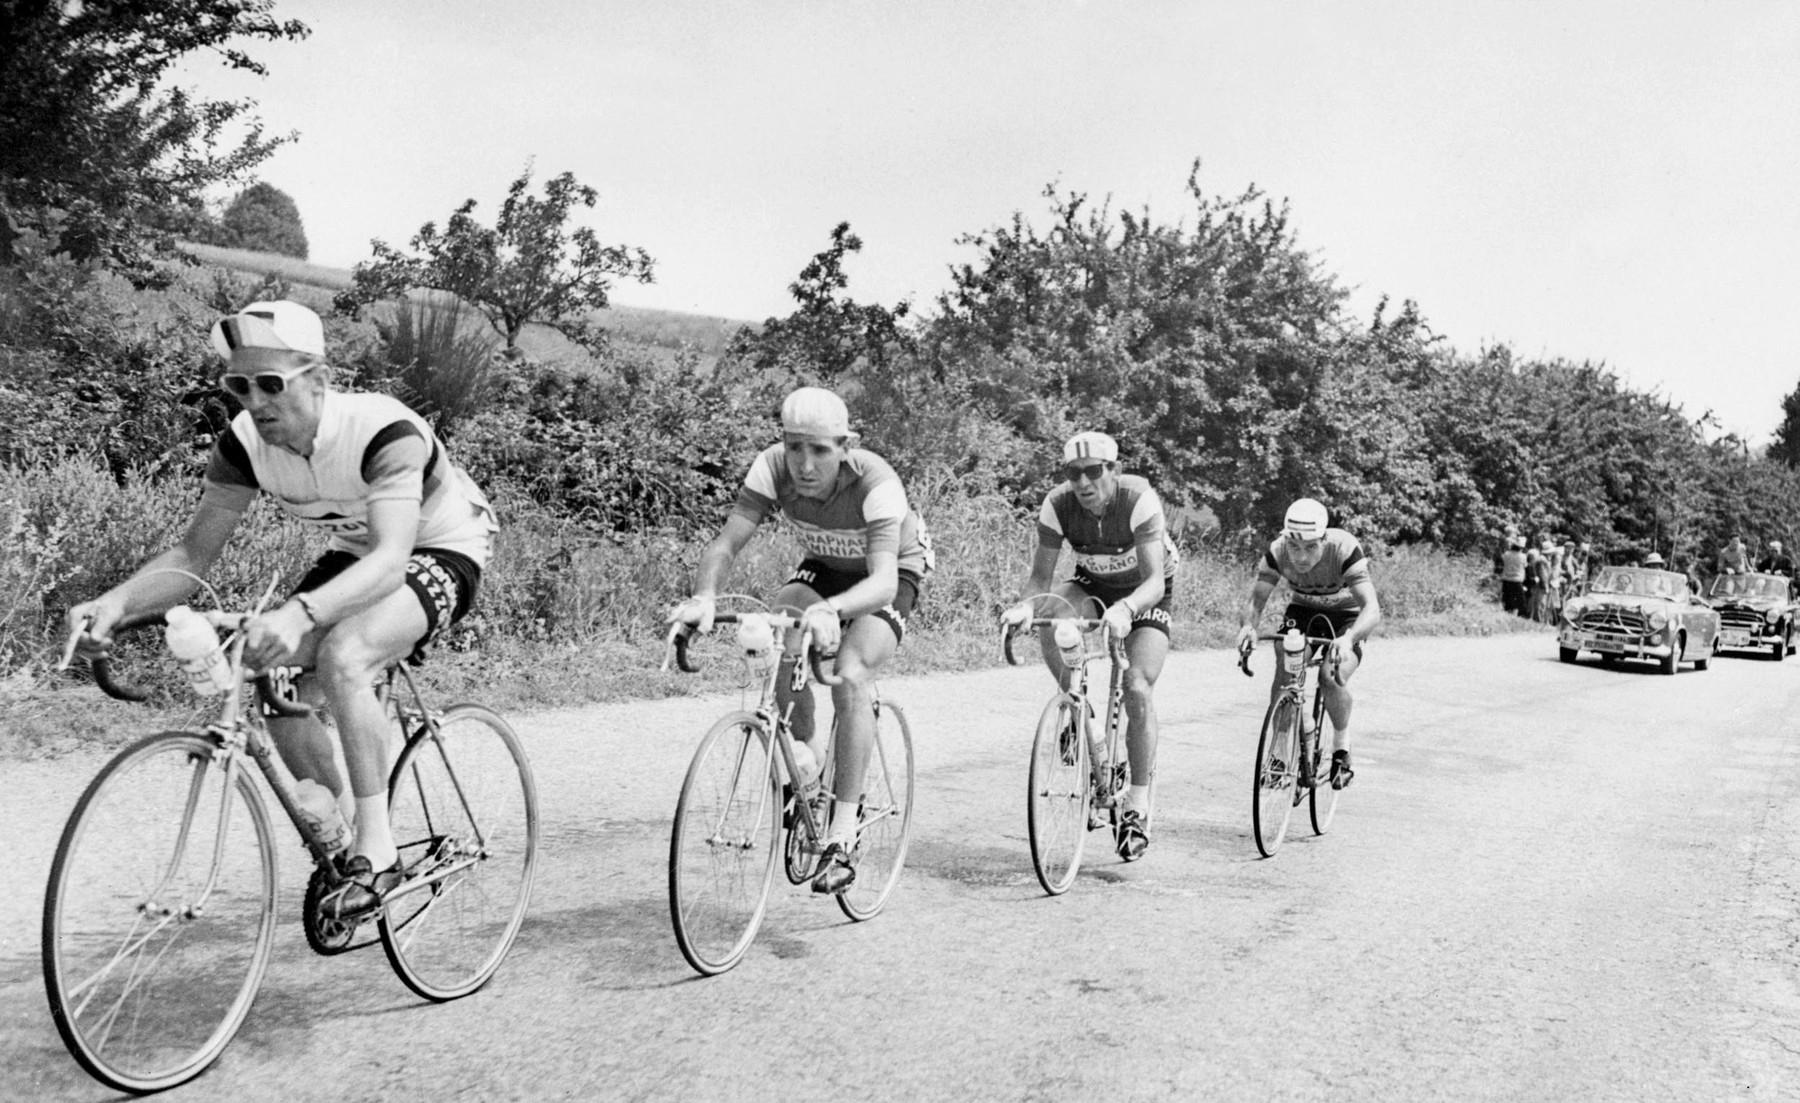 Hans Junkermann táhne skupinku uprchlíků během 6. etapy Tour de France 1960. Druhý zleva Roger Rivière následován Gastonem Nencinim a Belgičanem Janem Adriaenssensem. Úník, který francouzskému cyklistovi změní život. Foto: profimedia